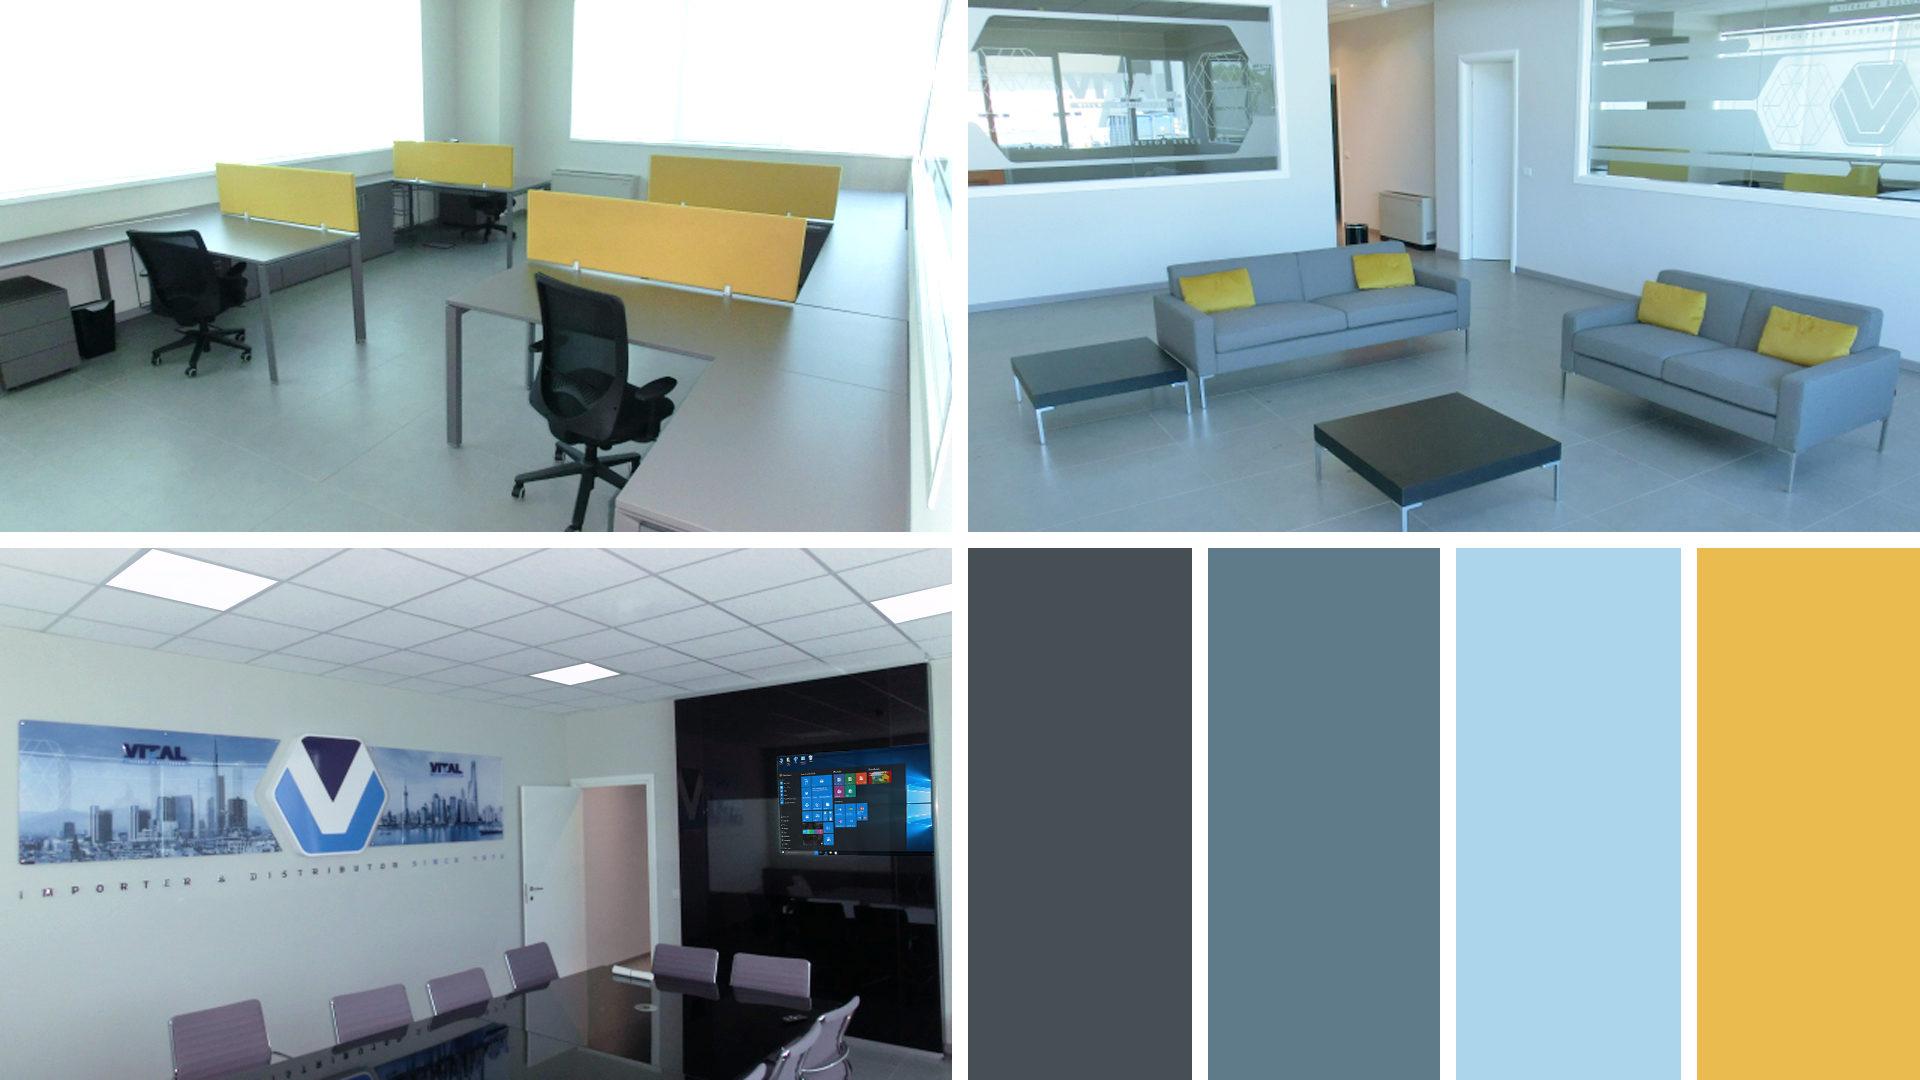 Vital-office-parete-interattiva-interactive-wall